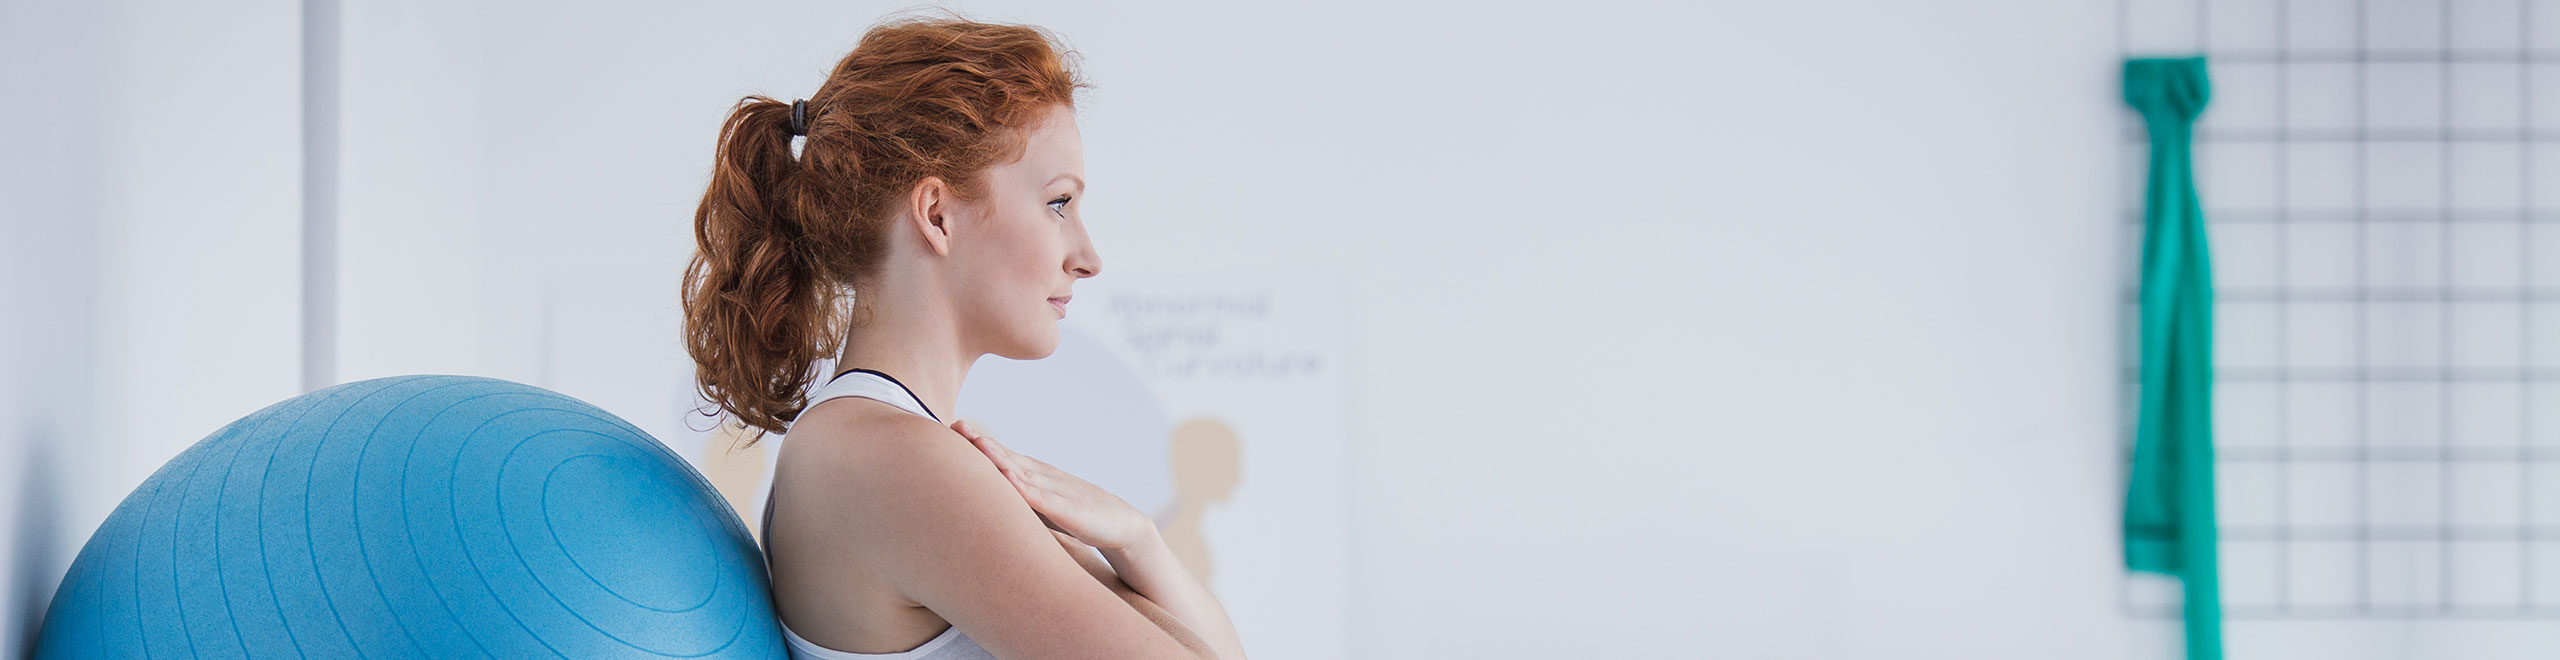 Physiotherapie im Rücken Aktiv Studio Elmshorn